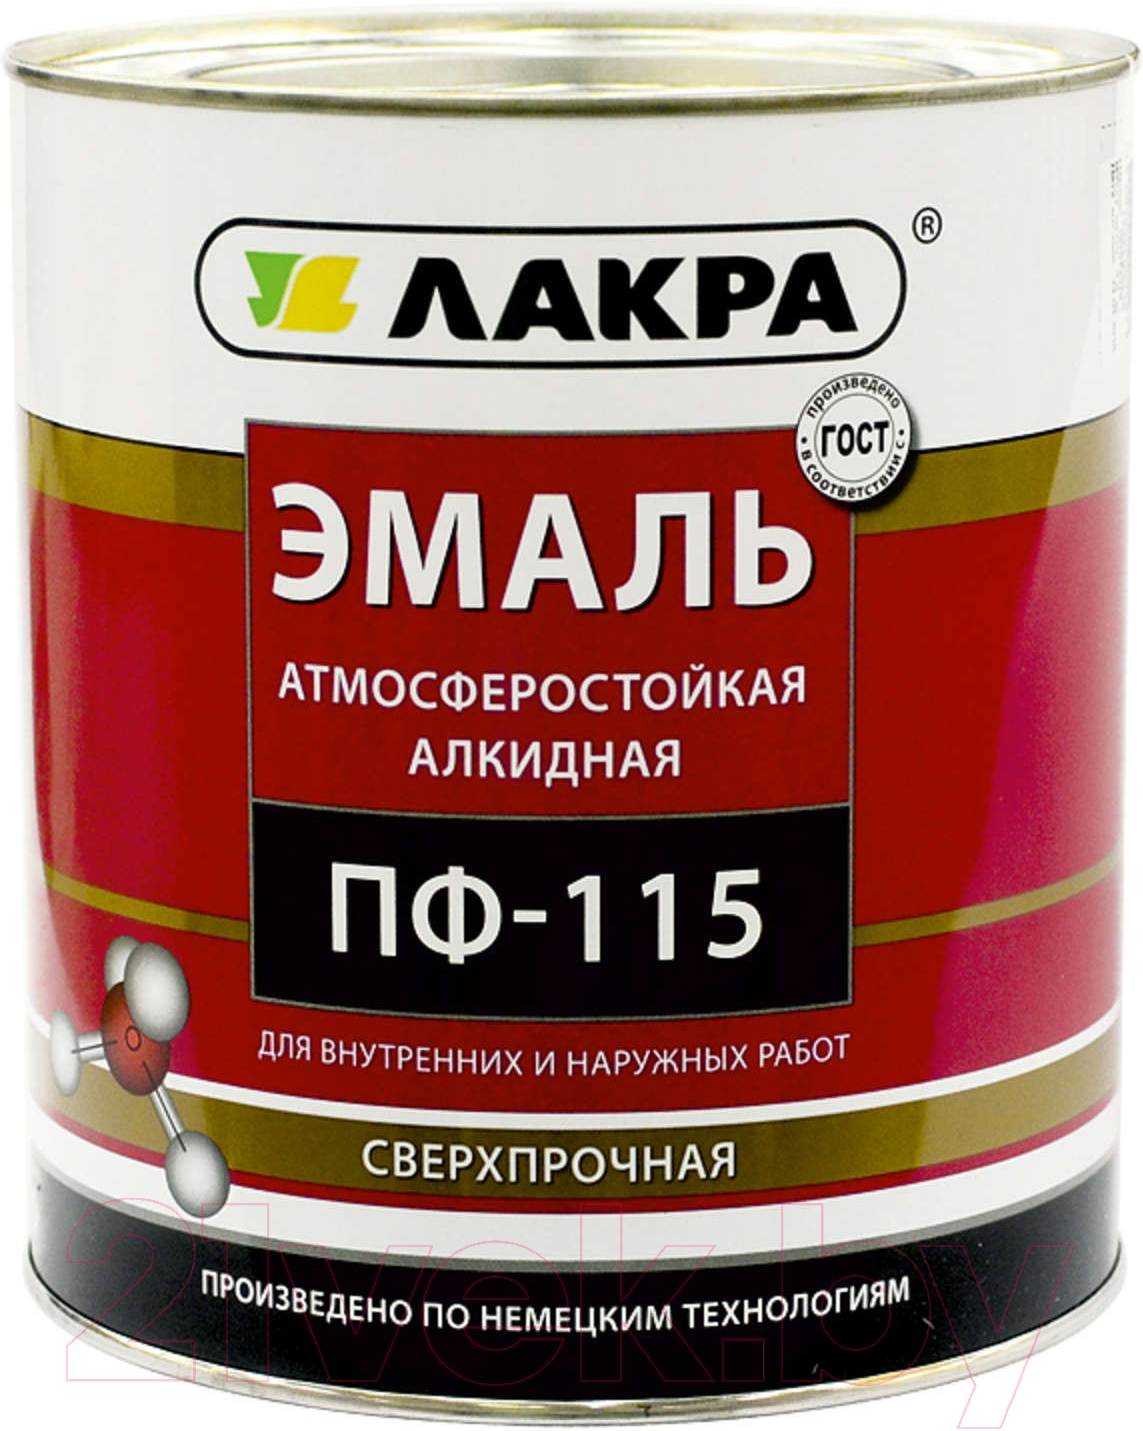 Купить Эмаль Лакра, ПФ-115 (900г, белый глянцевый), Россия